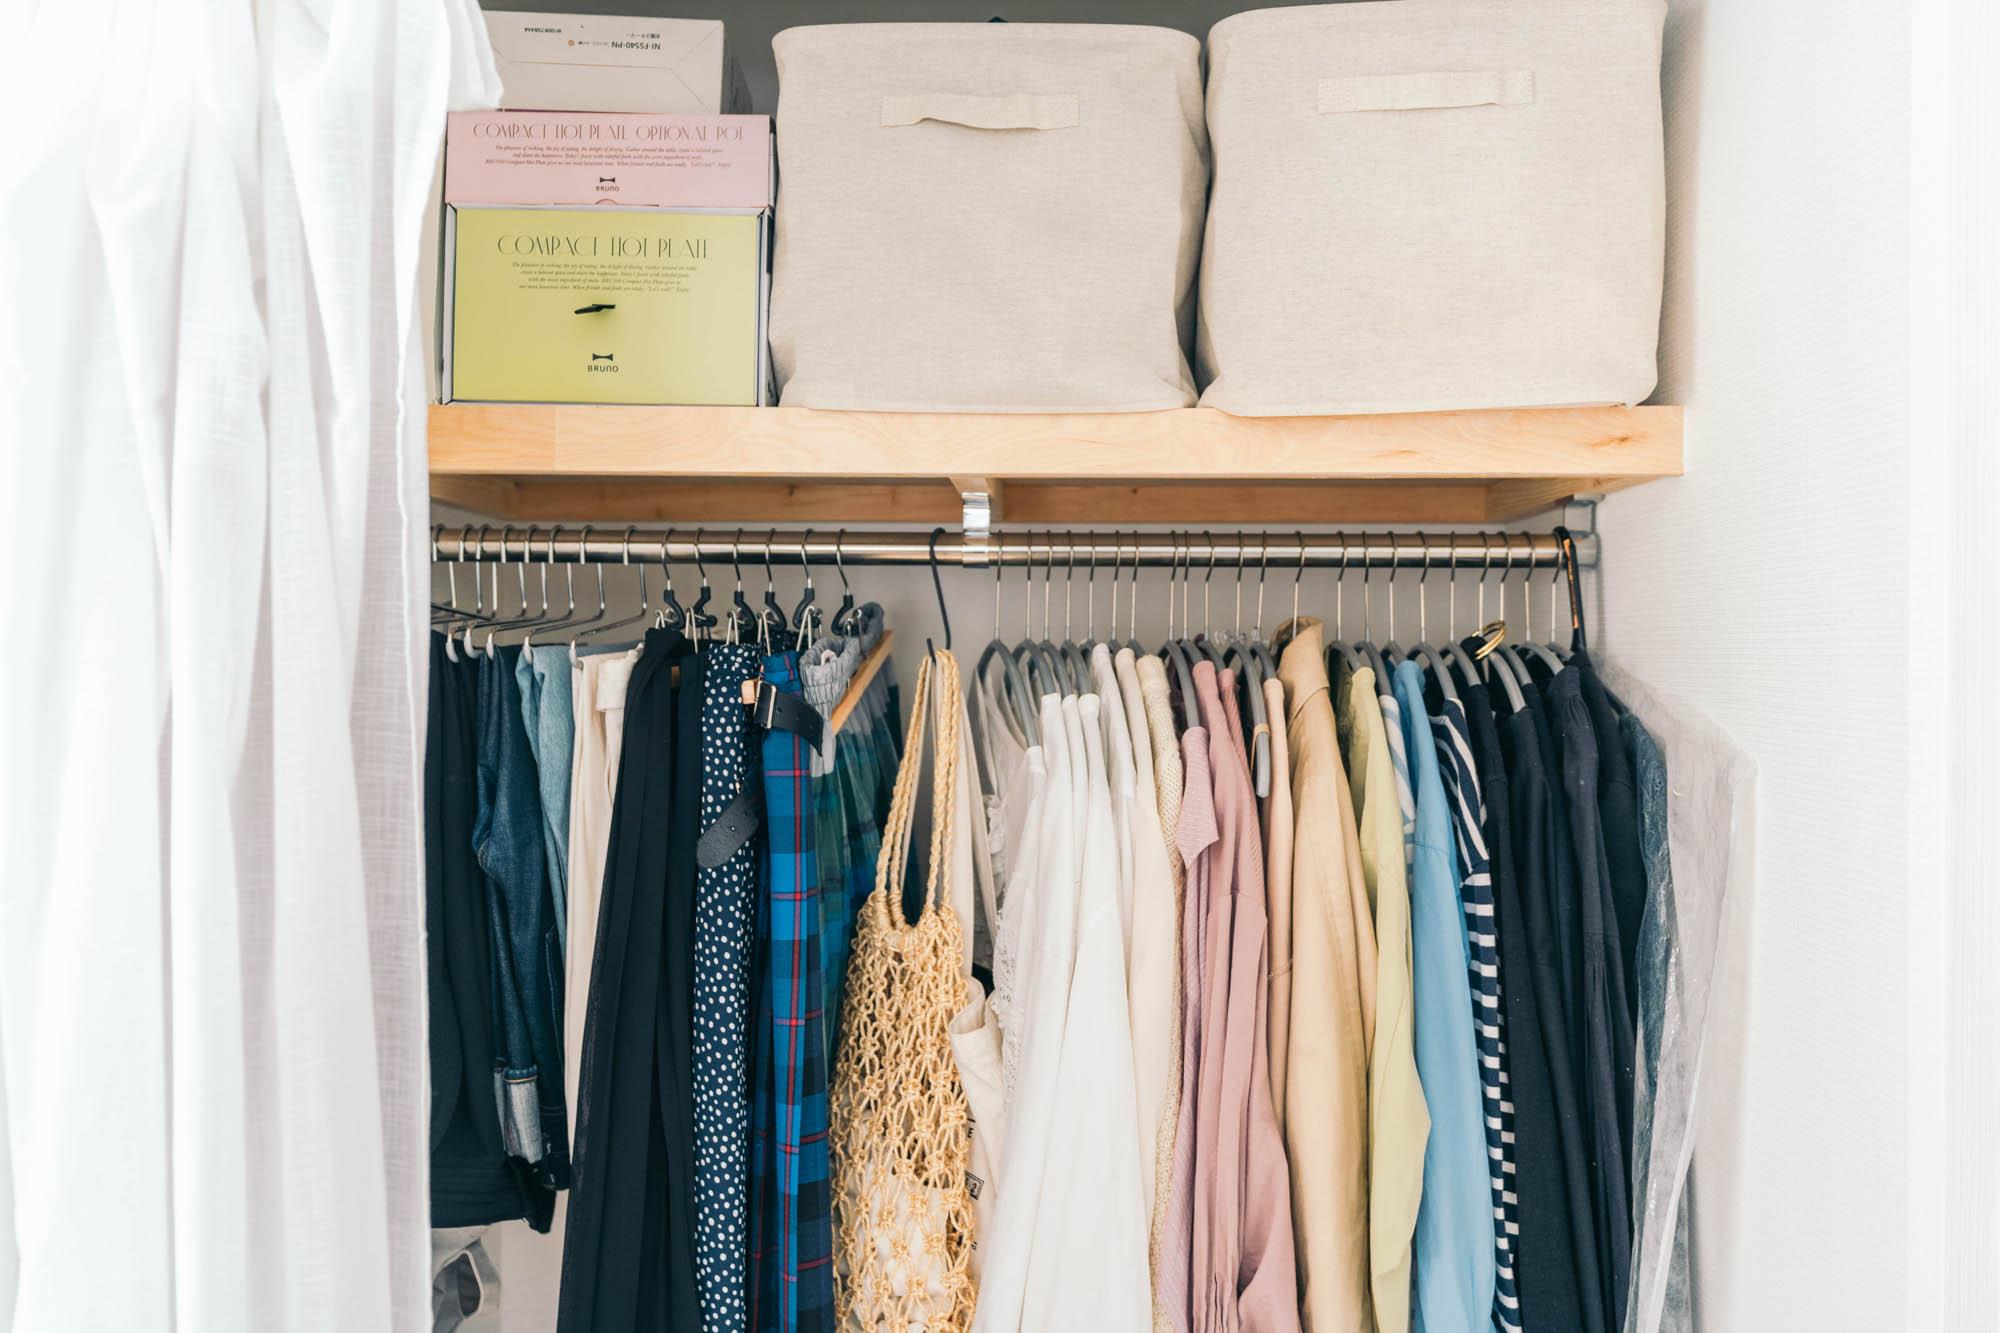 クローゼットを開けて見せていても気にならない工夫は、まずはハンガーを同じものに揃えること。そして服は色のグラデーションで並べることで見た目も綺麗に整います。(このお部屋はこちら)